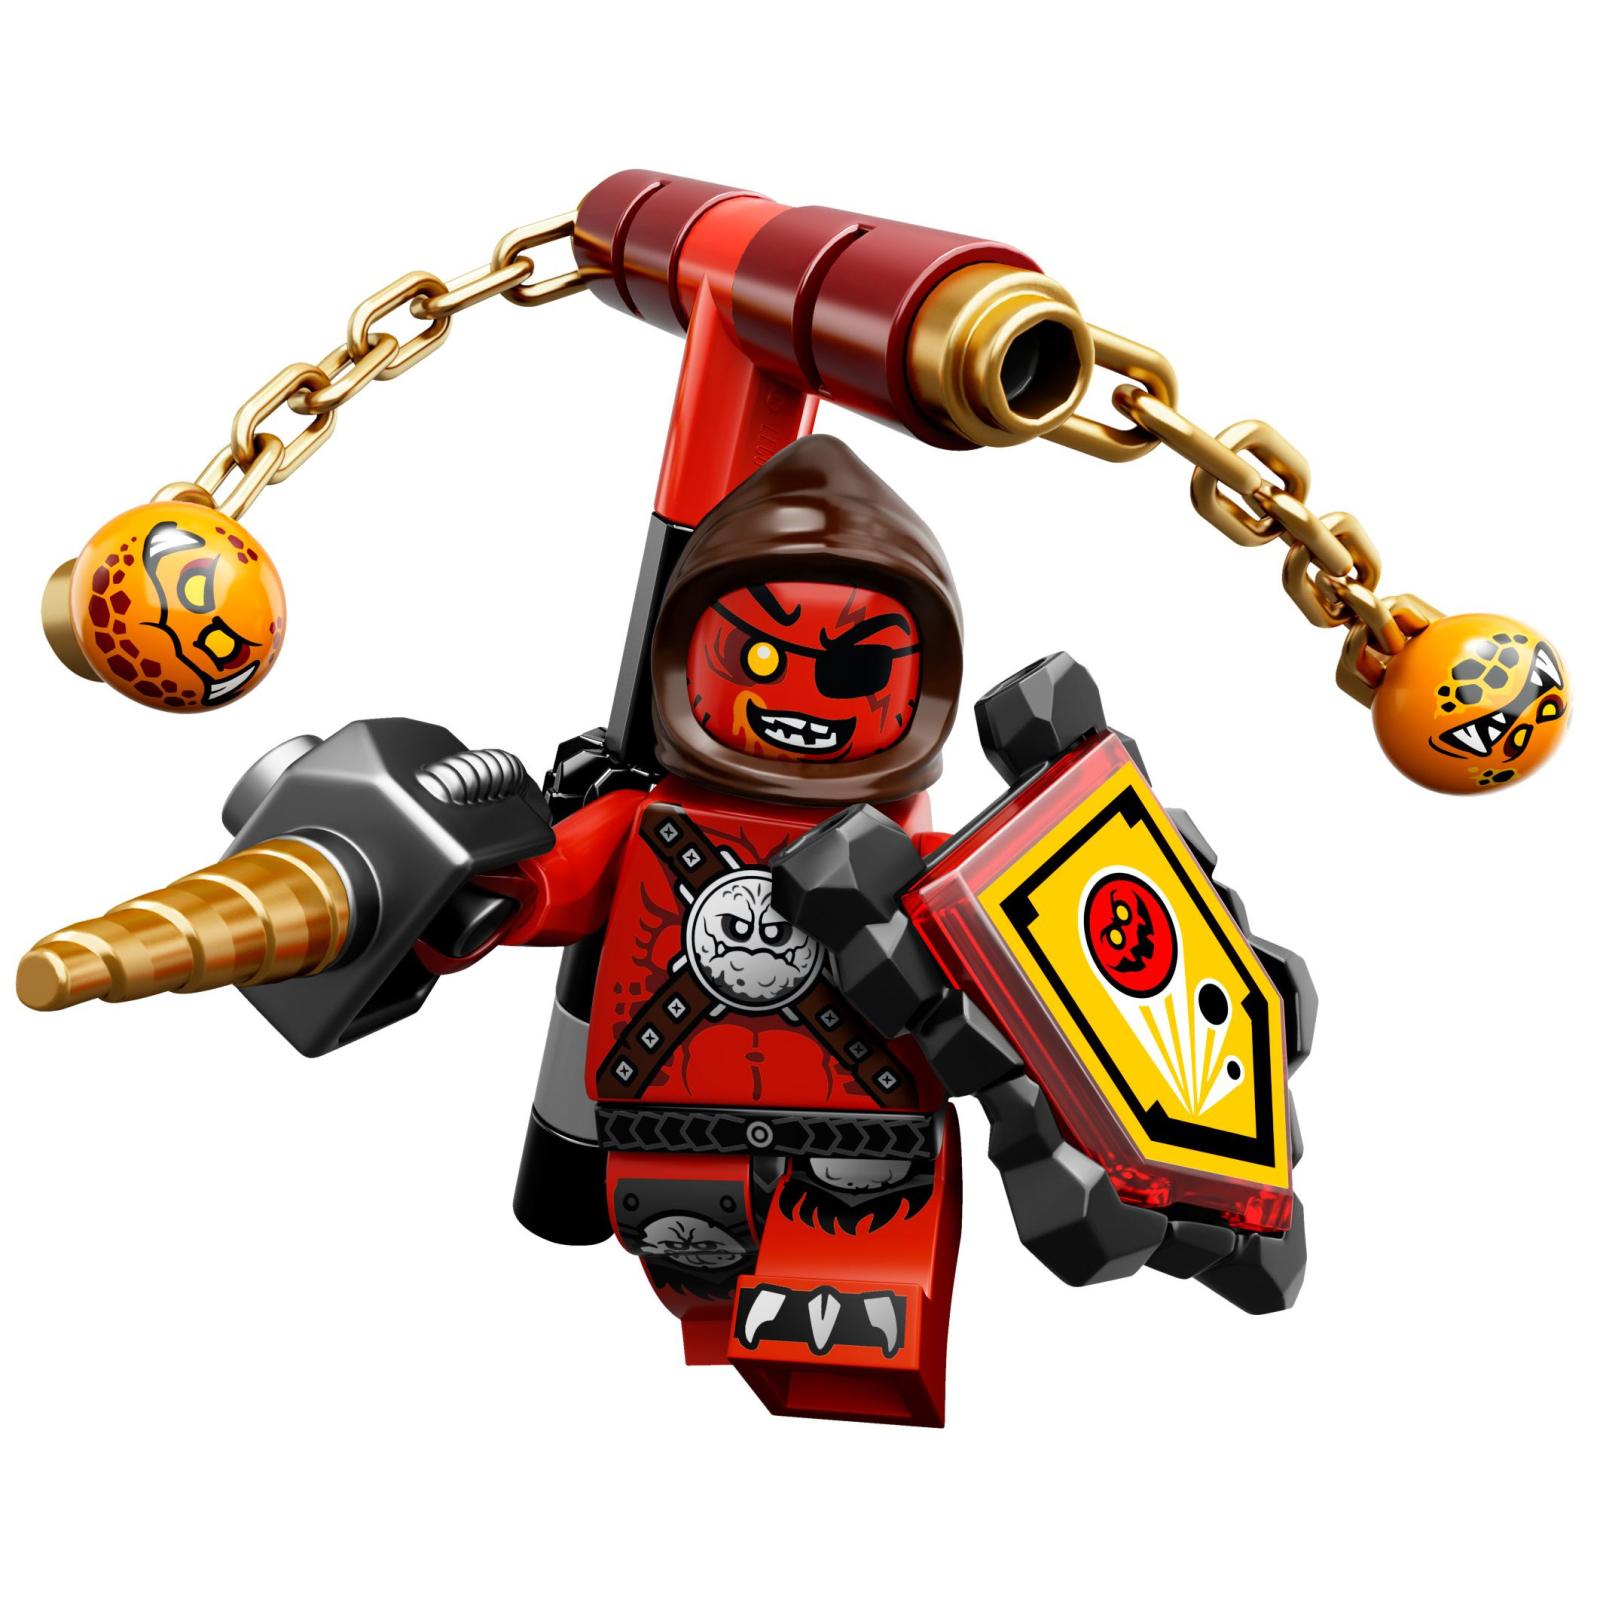 Конструктор LEGO Nexo Knights Предводитель монстров Абсолютная сила (70334) изображение 4